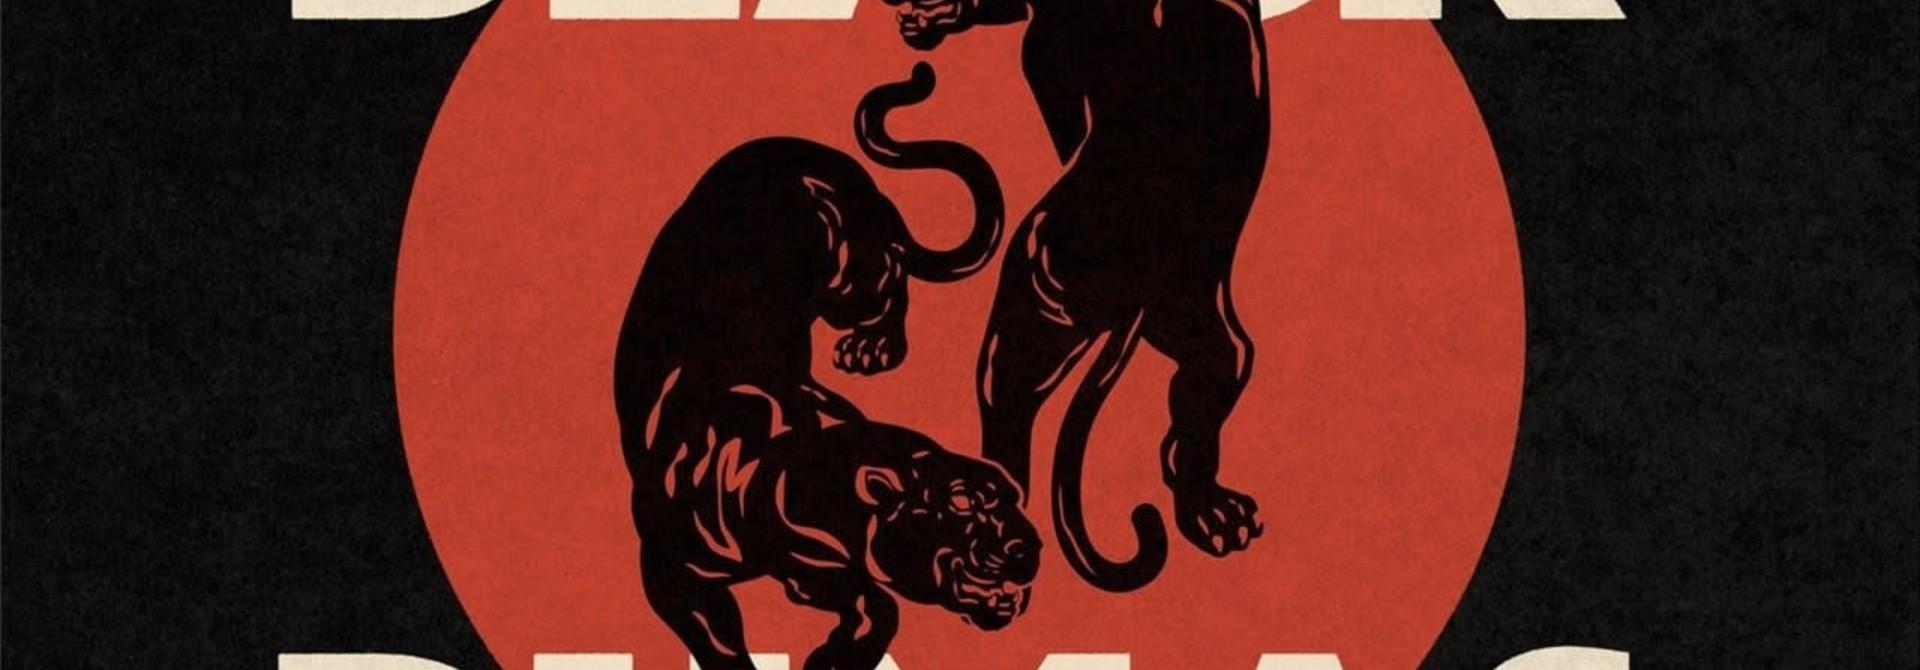 Black Pumas • Black Pumas